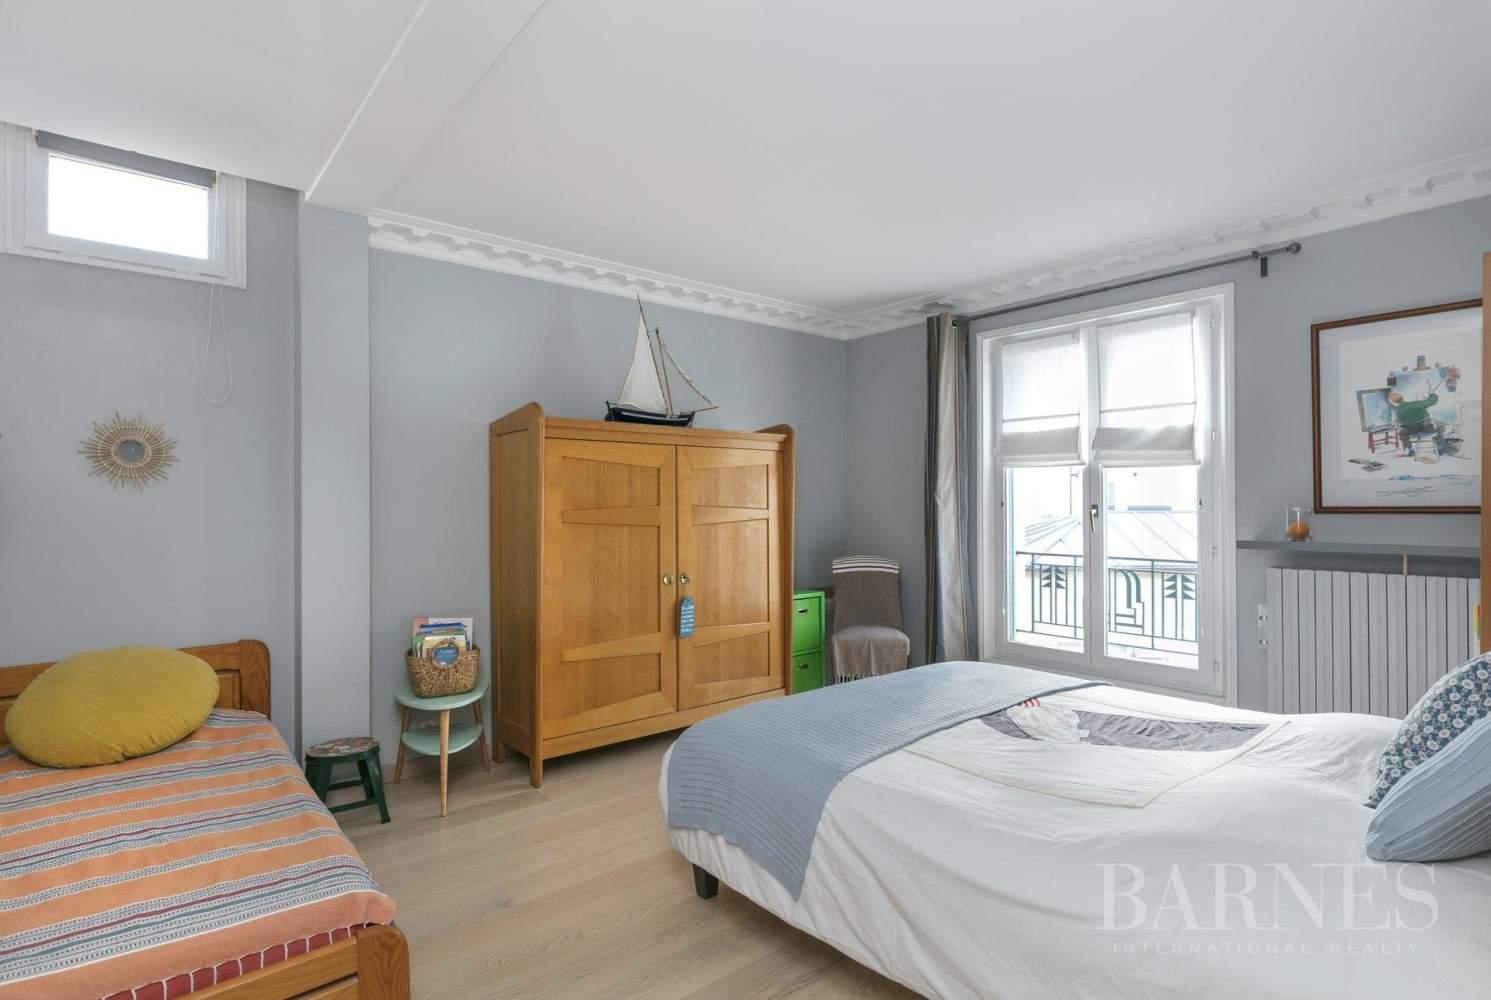 Saint-Germain-en-Laye  - Appartement 5 Pièces - picture 10